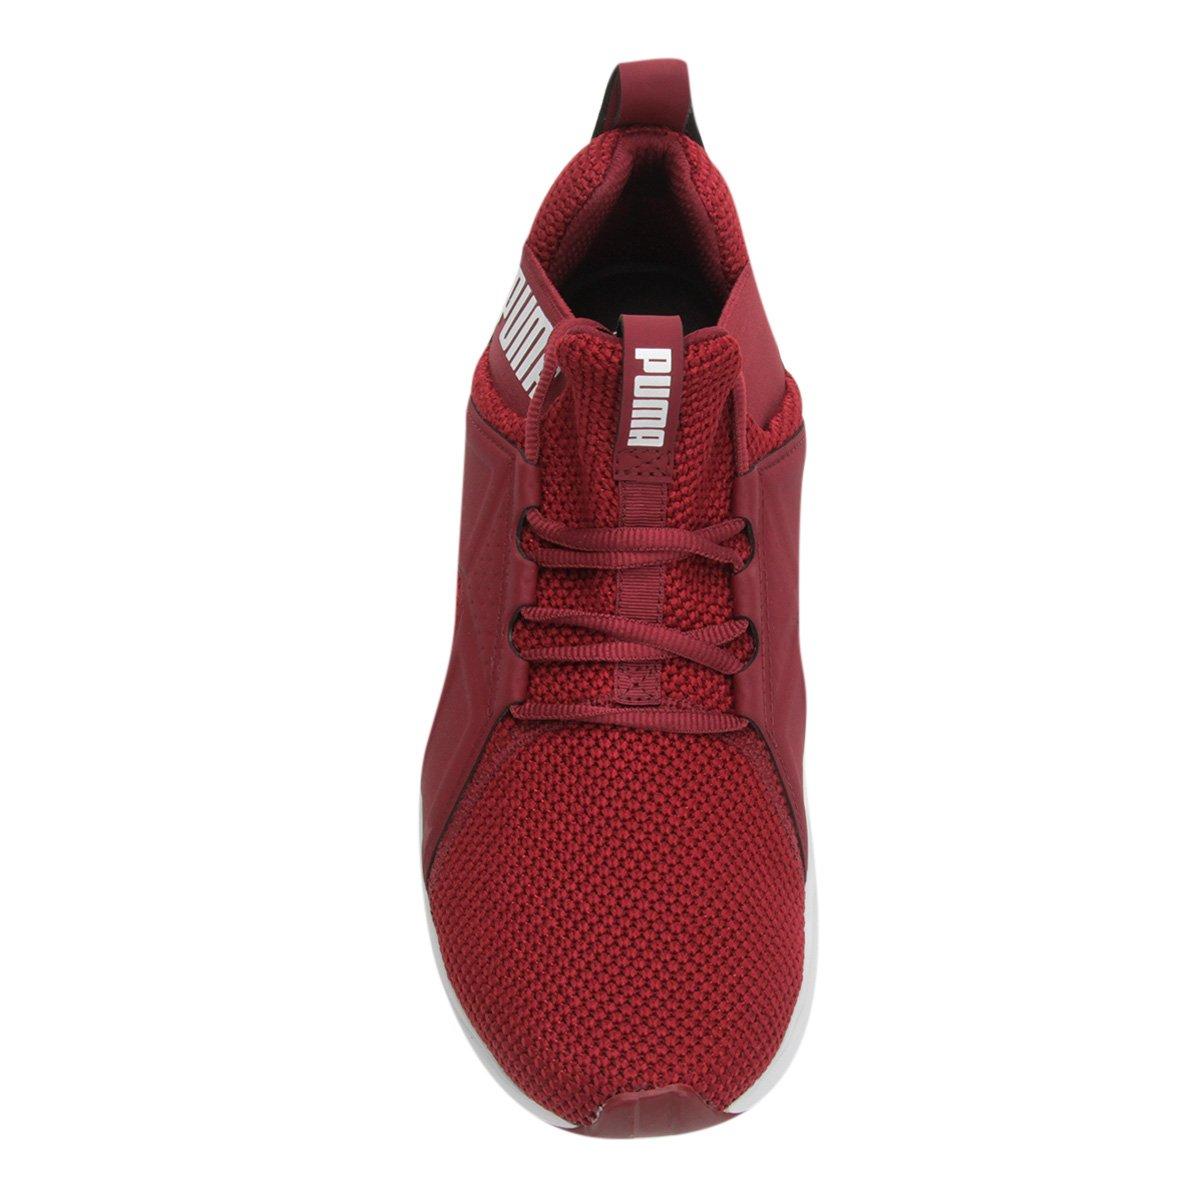 Tênis Puma Enzo Weave Bdp Masculino - Vermelho e Branco - Compre ... 481a1d88a84c1